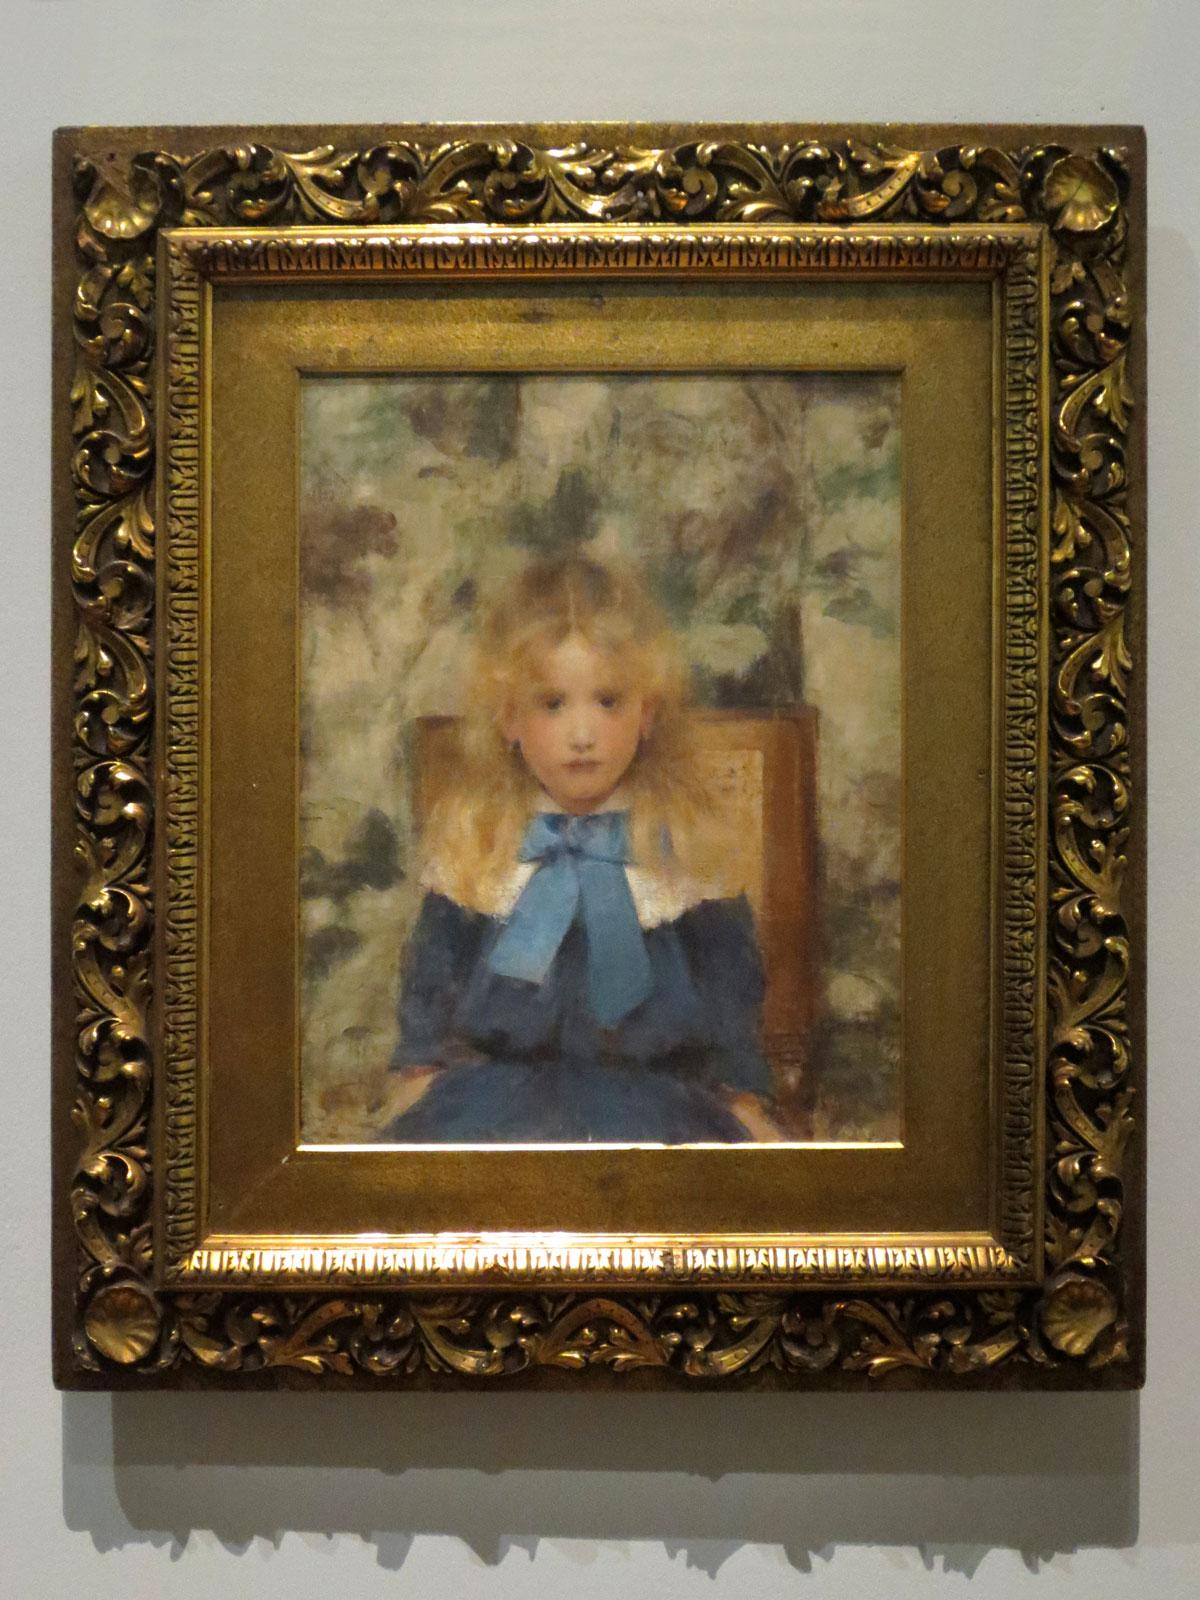 Fernand Khnopff, Mademoiselle Van der Hecht, 1883